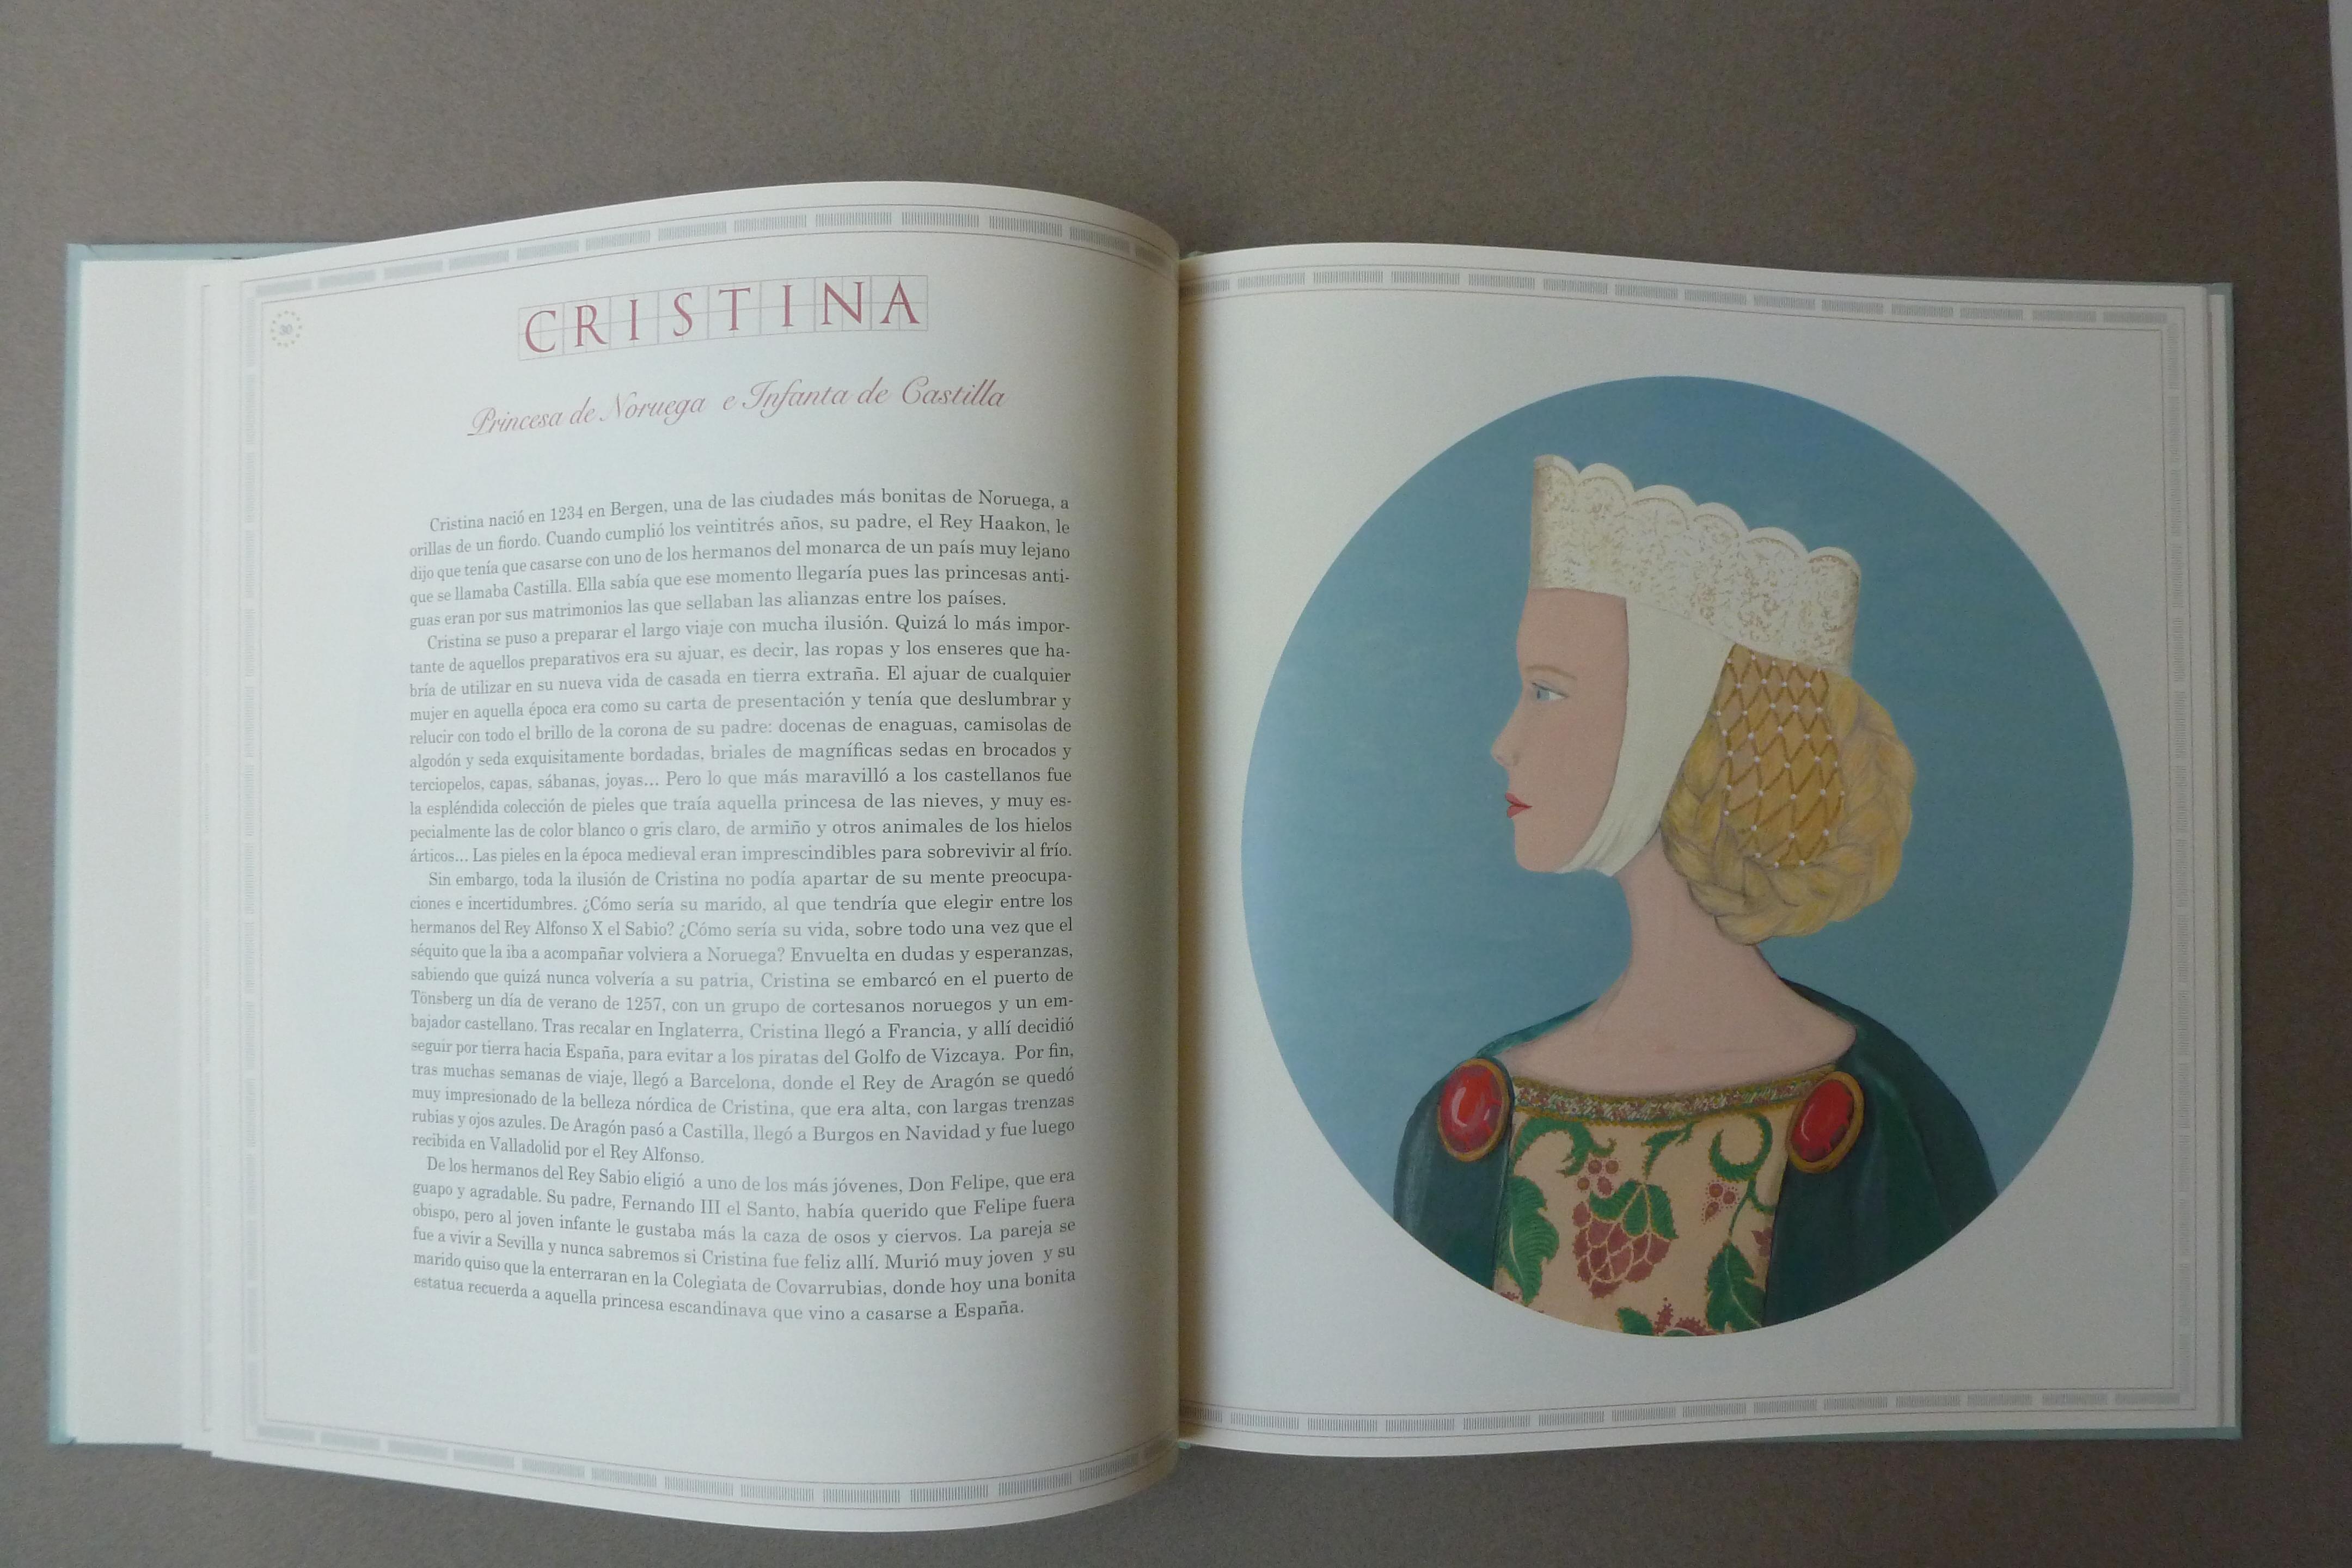 cristina de noruega